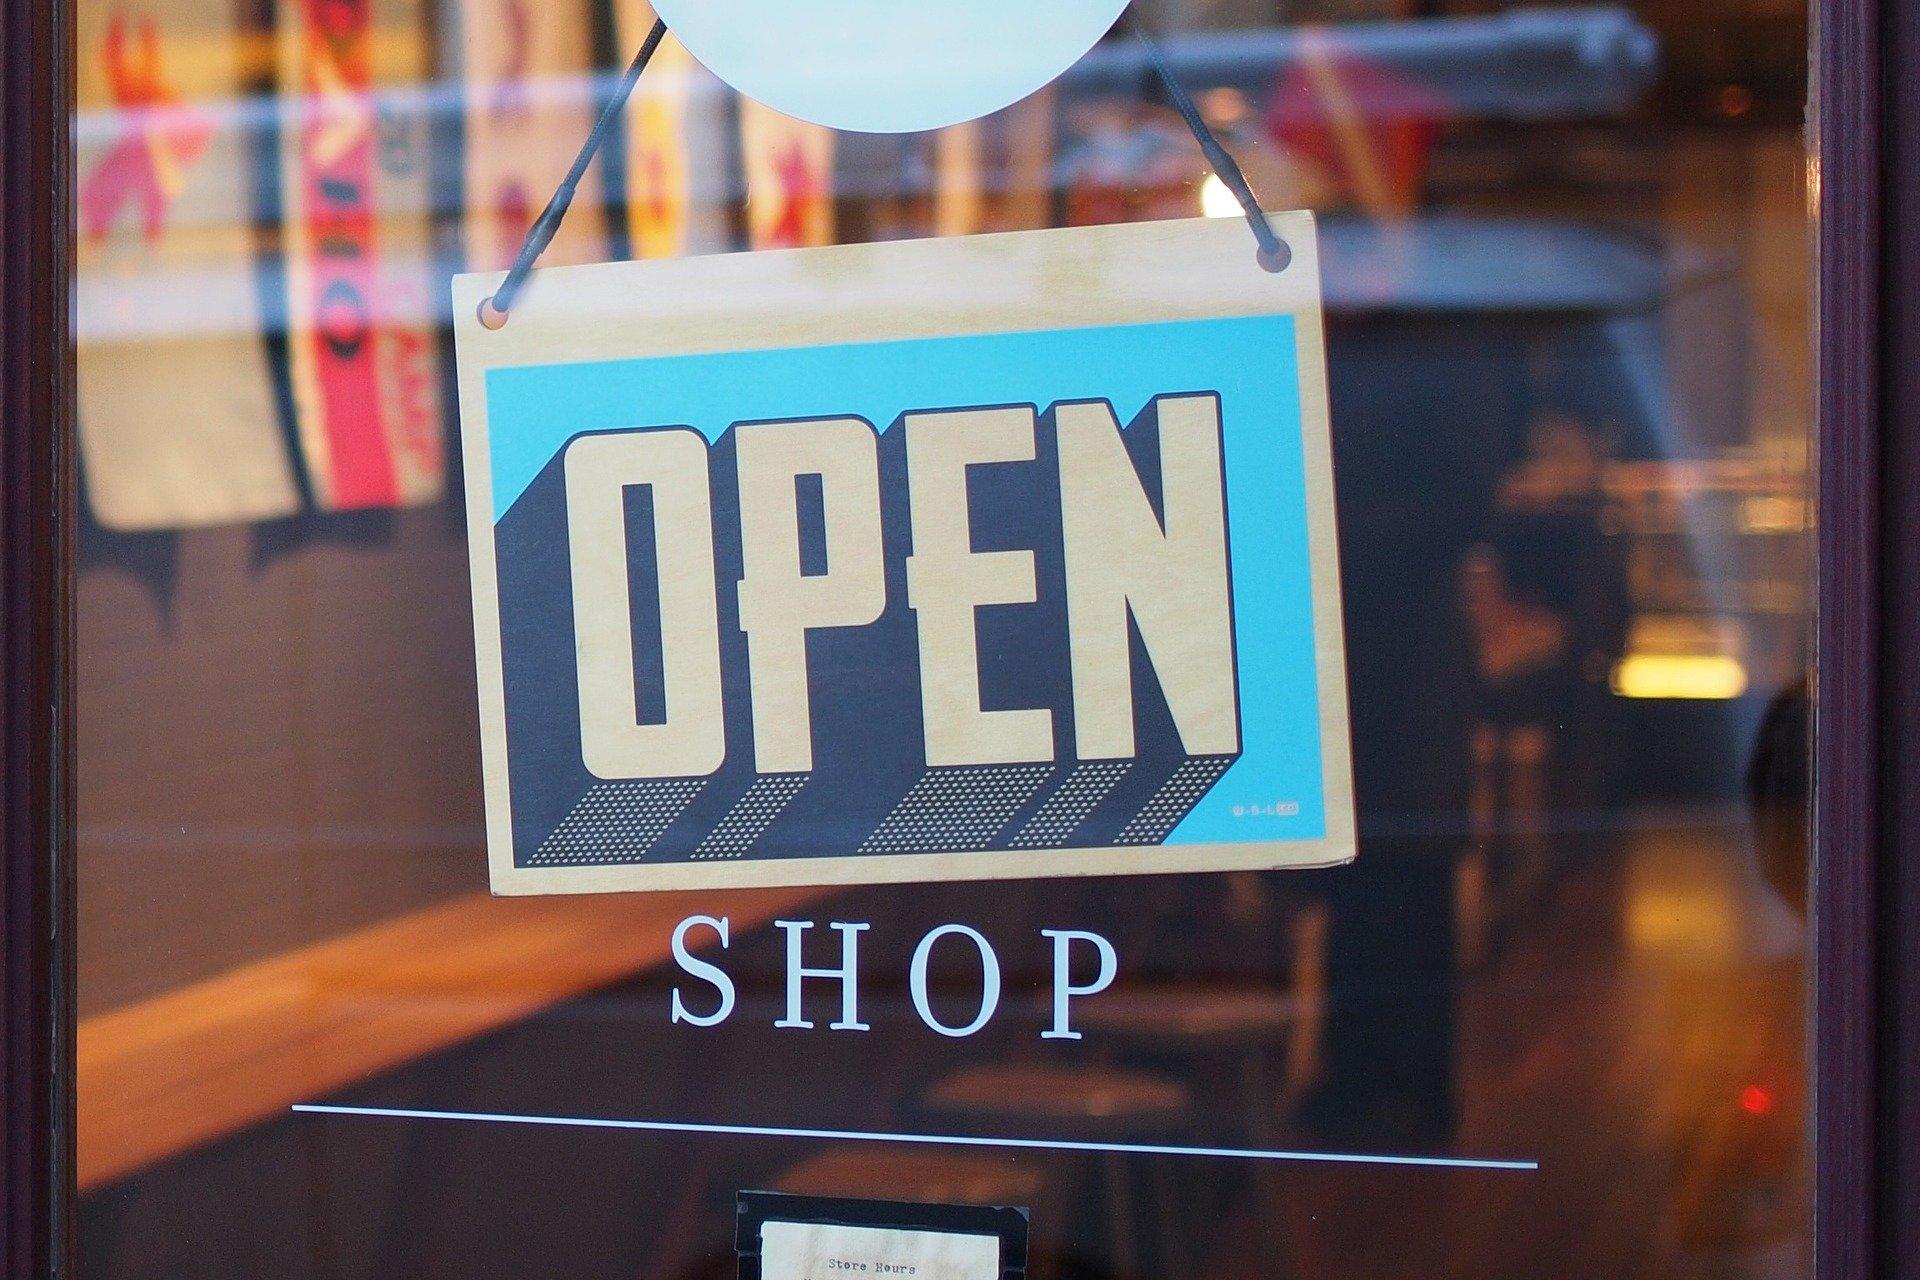 Il rilancio delle attività imprenditoriali e dei negozi attraverso tecnologia, digitale e comunicazione